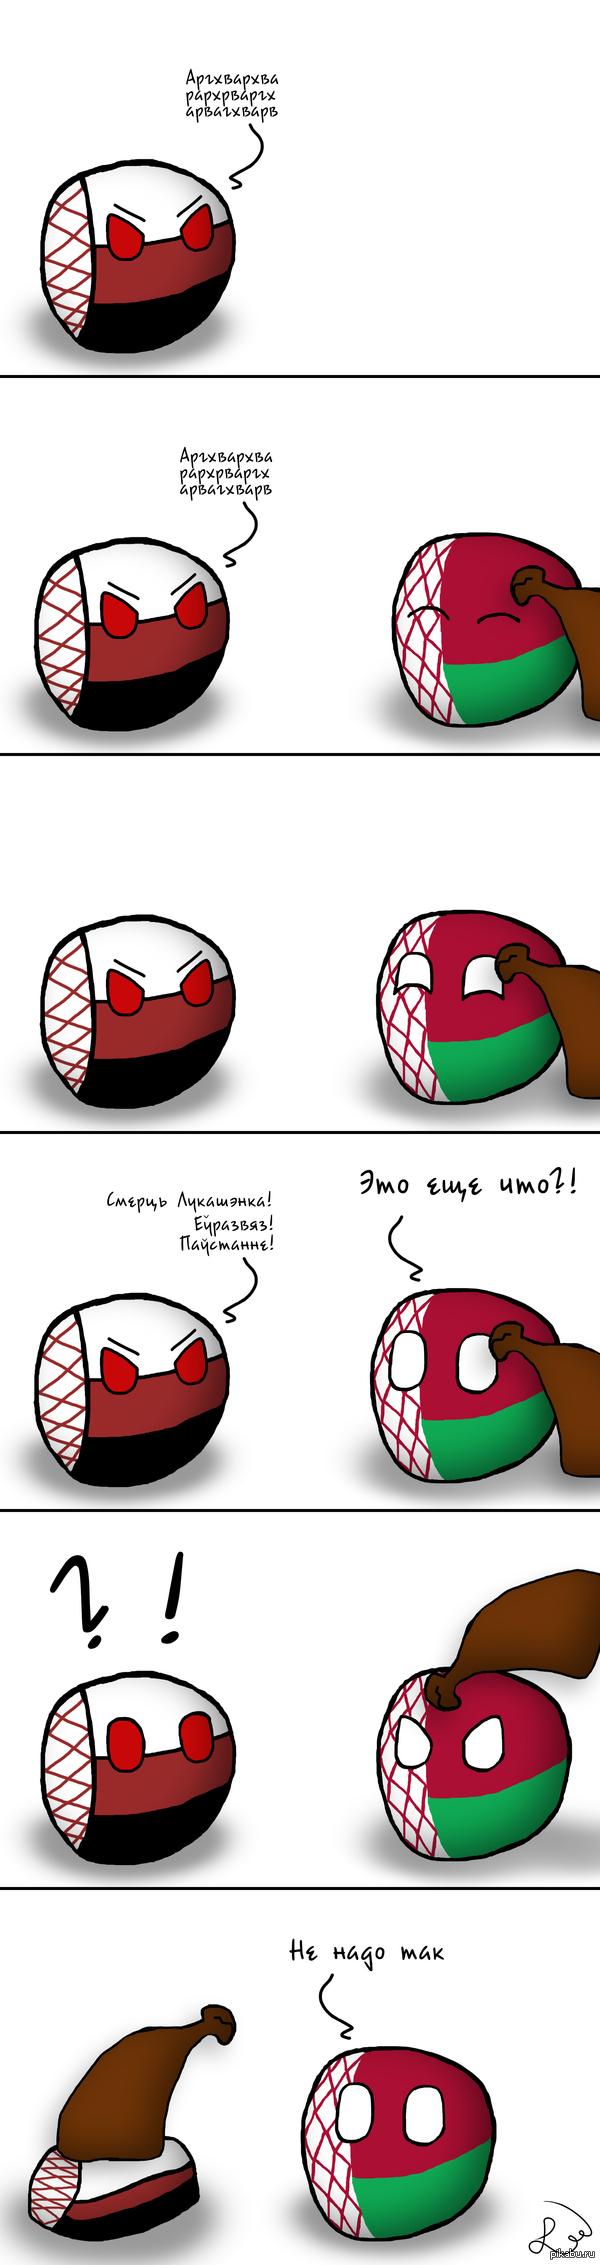 Белорашка против Белоруссии (Белорашка – это некий несуществующий аналог Белоруссии. Все типично: ненавидит Лукашенко и хочет в ЕС)